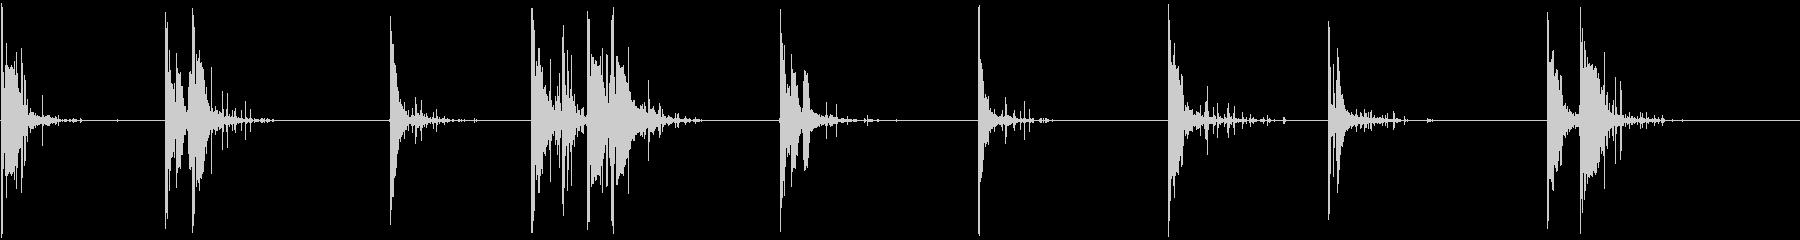 弾丸リコシェット、ダート、複数のシ...の未再生の波形